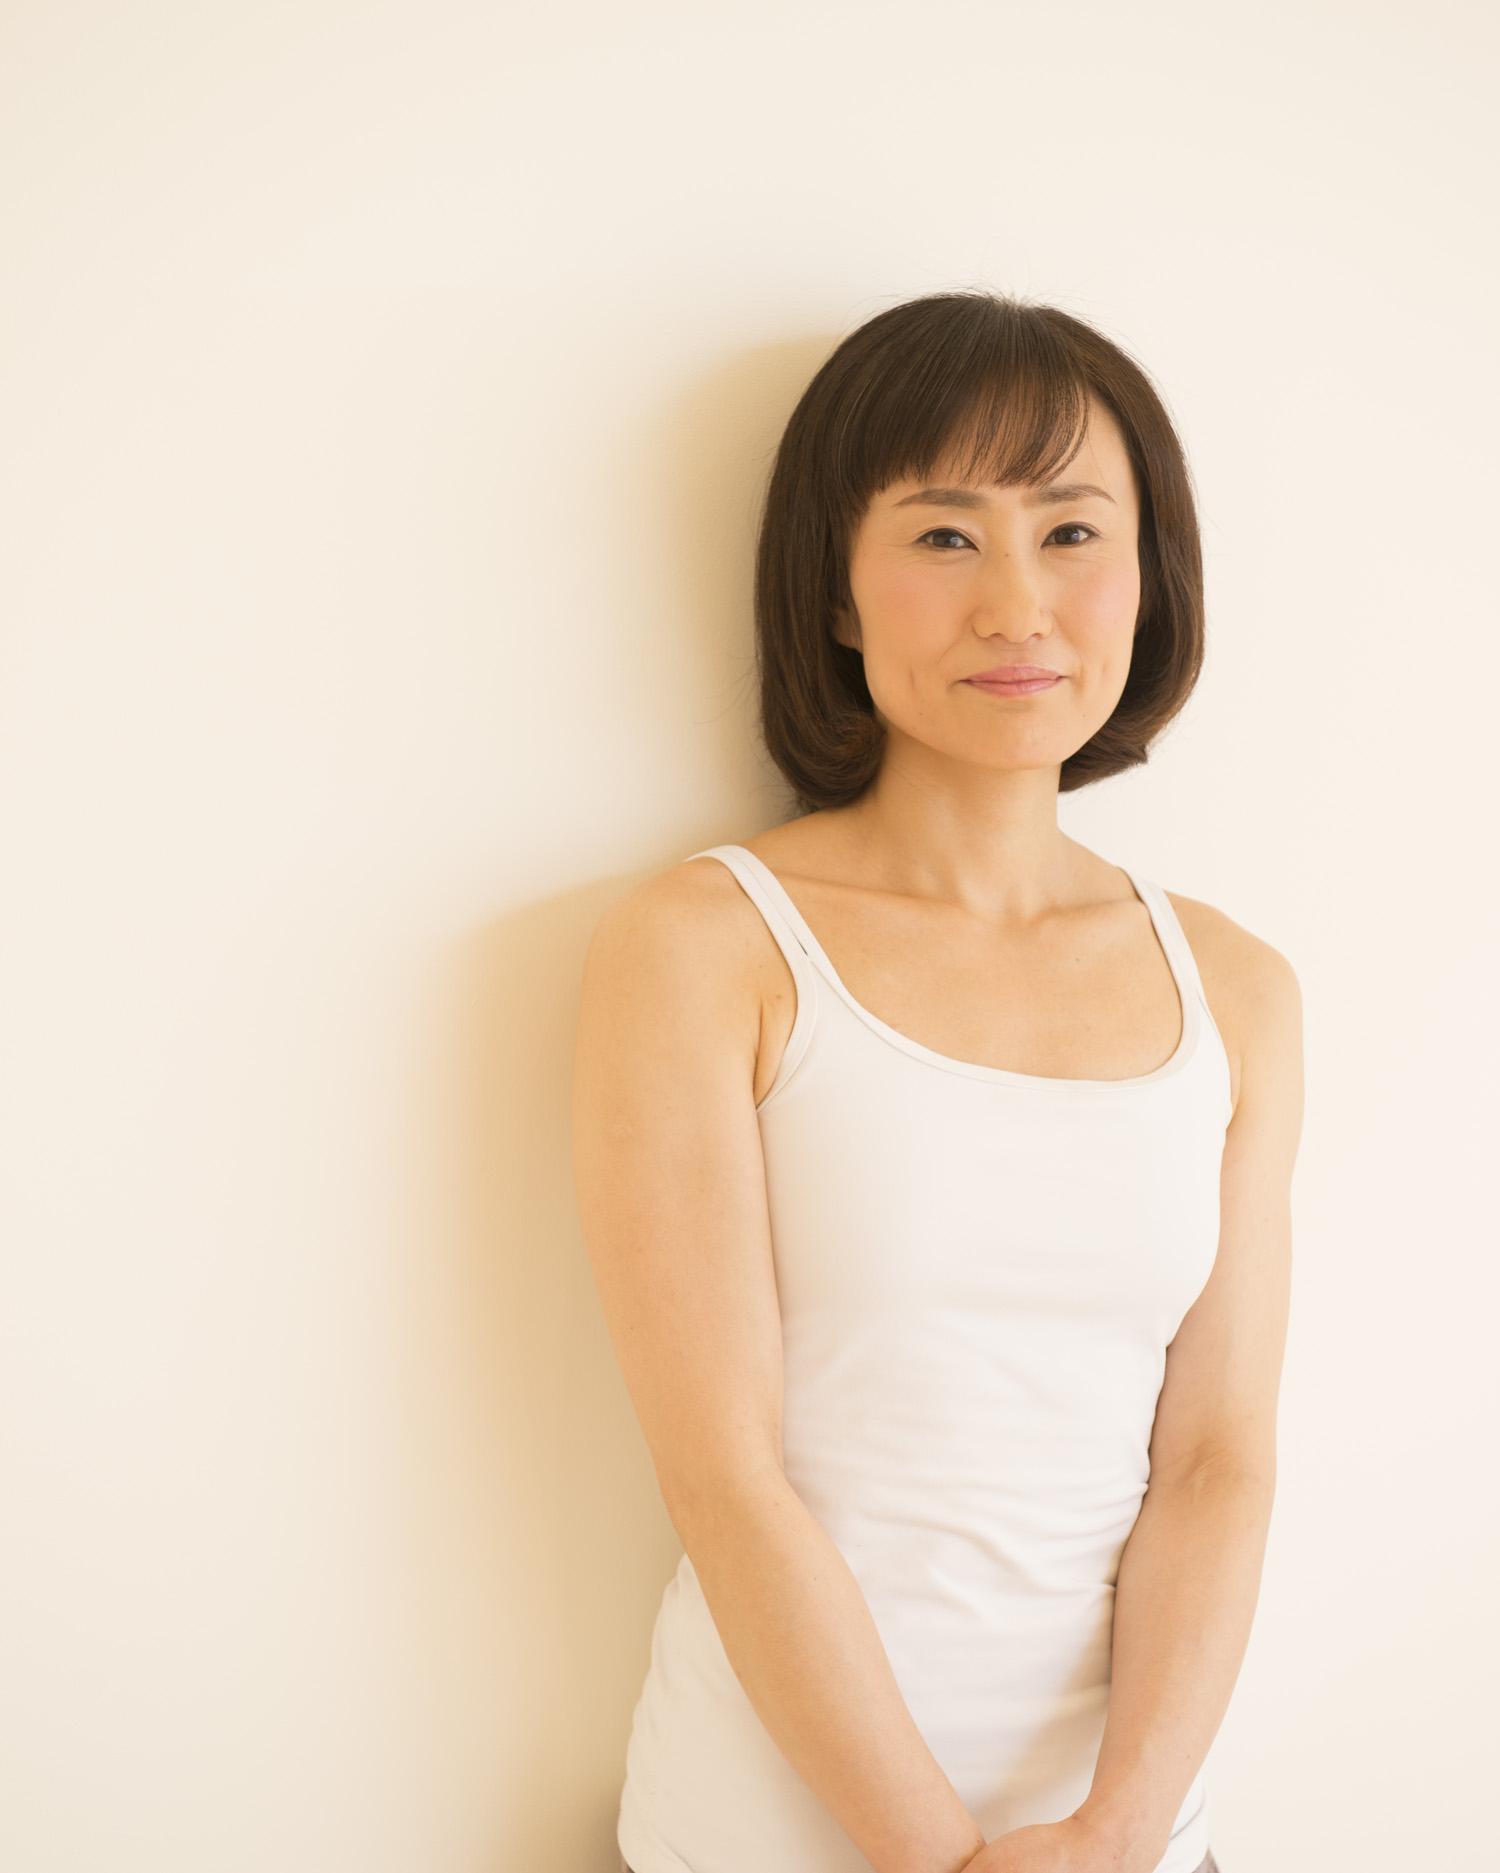 スタジオ・ヨギー京都 - Kanako(カナコ)さんの写真